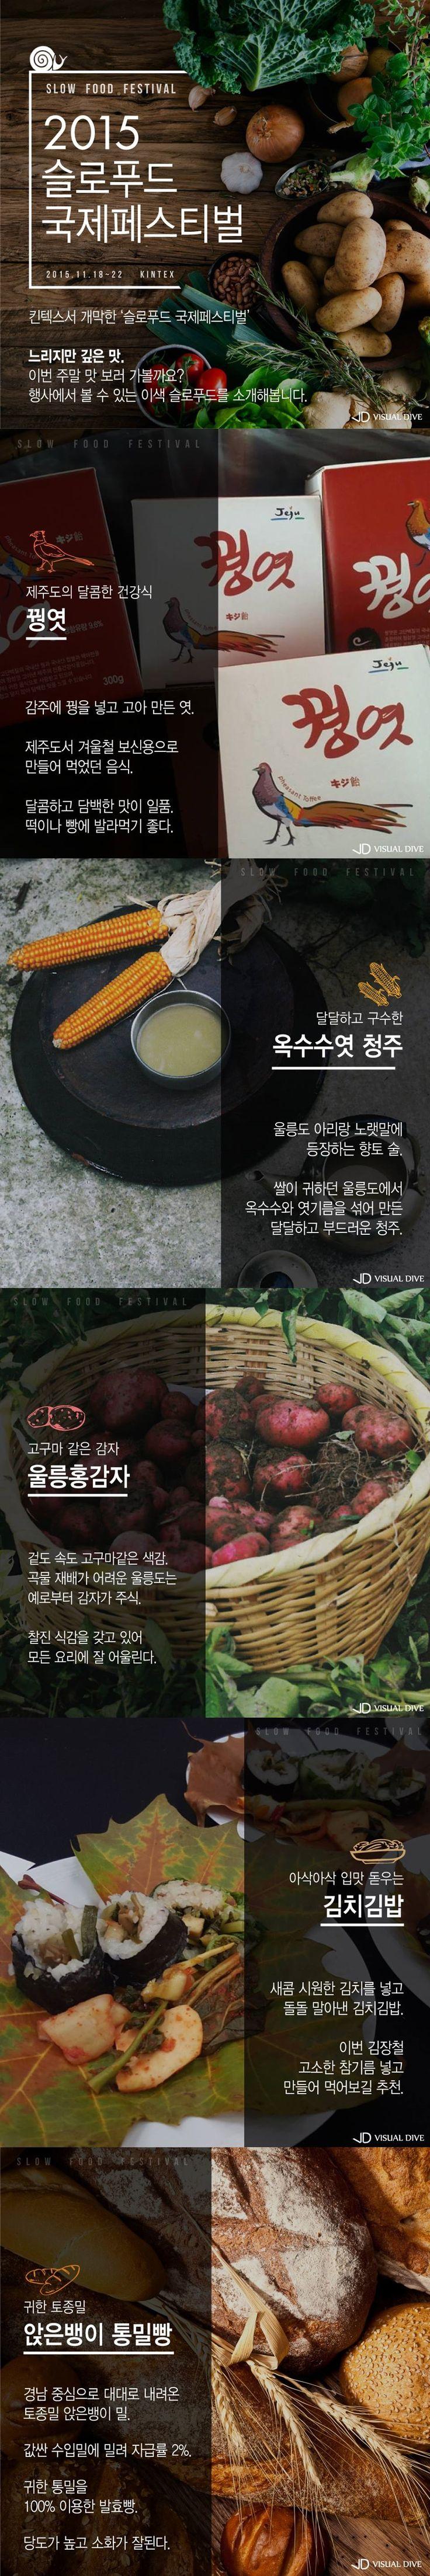 '국제슬로푸드페스티벌' 느리지만 깊은 맛을 찾아서 [카드뉴스] #Food / #Cardnews ⓒ 비주얼다이브 무단 복사·전재·재배포 금지